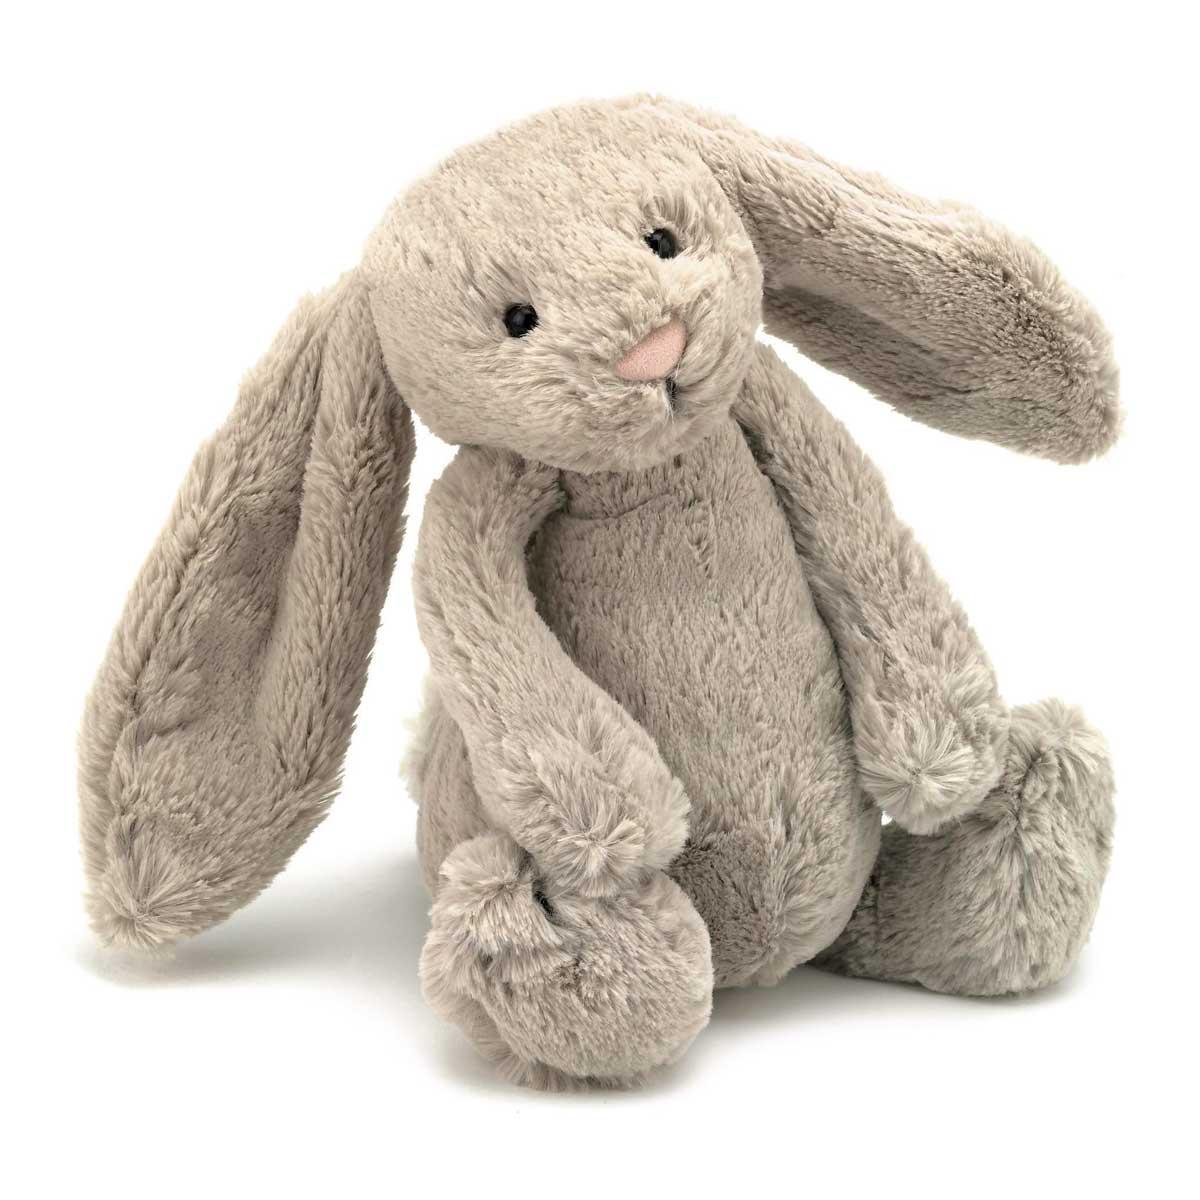 Peluche Bashful Beige Bunny - Medium Bashful Beige Bunny - Medium